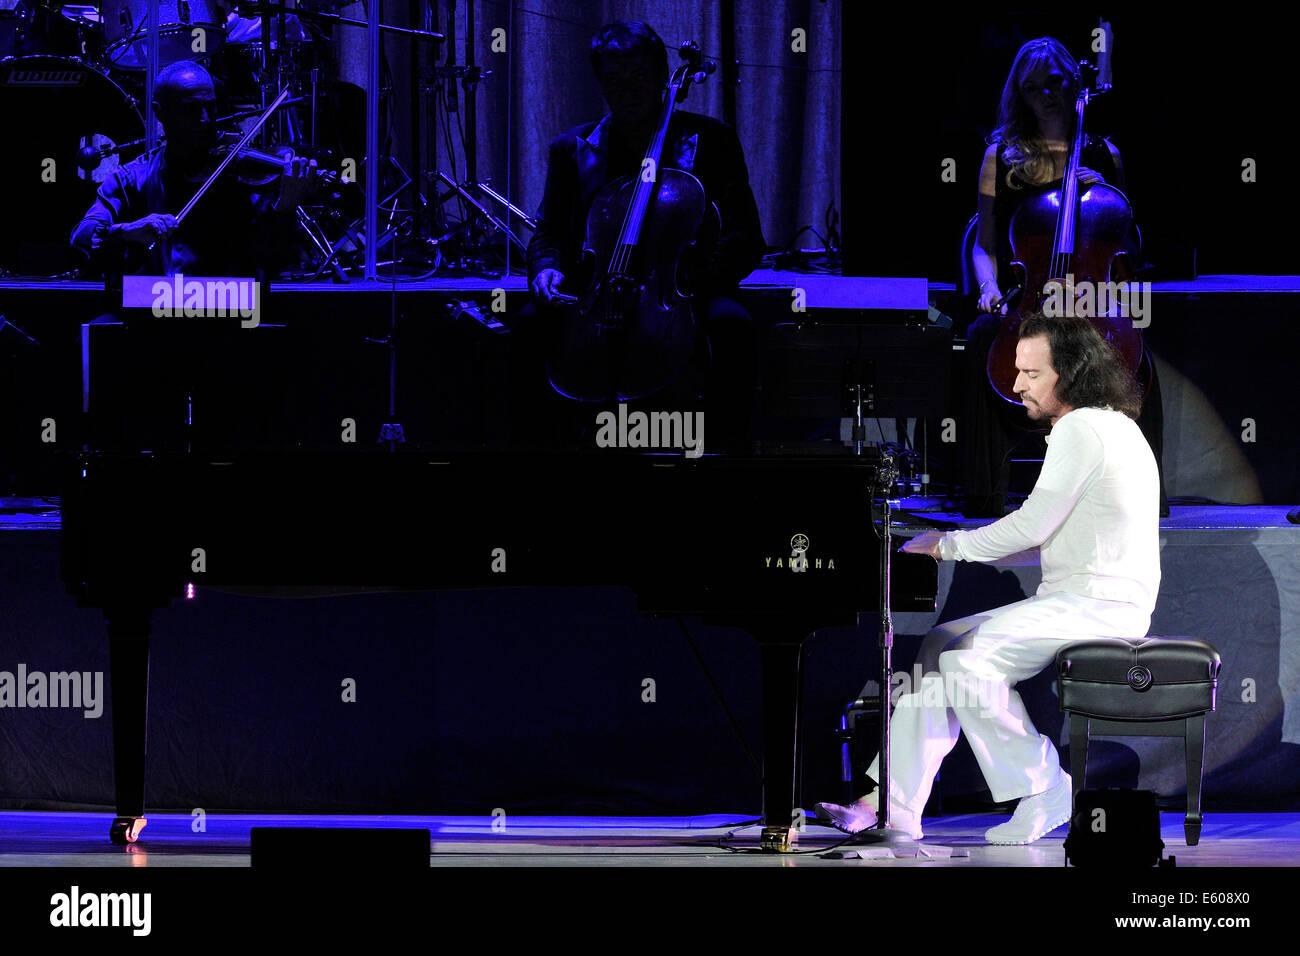 Image Result For Yanni Keyboardist